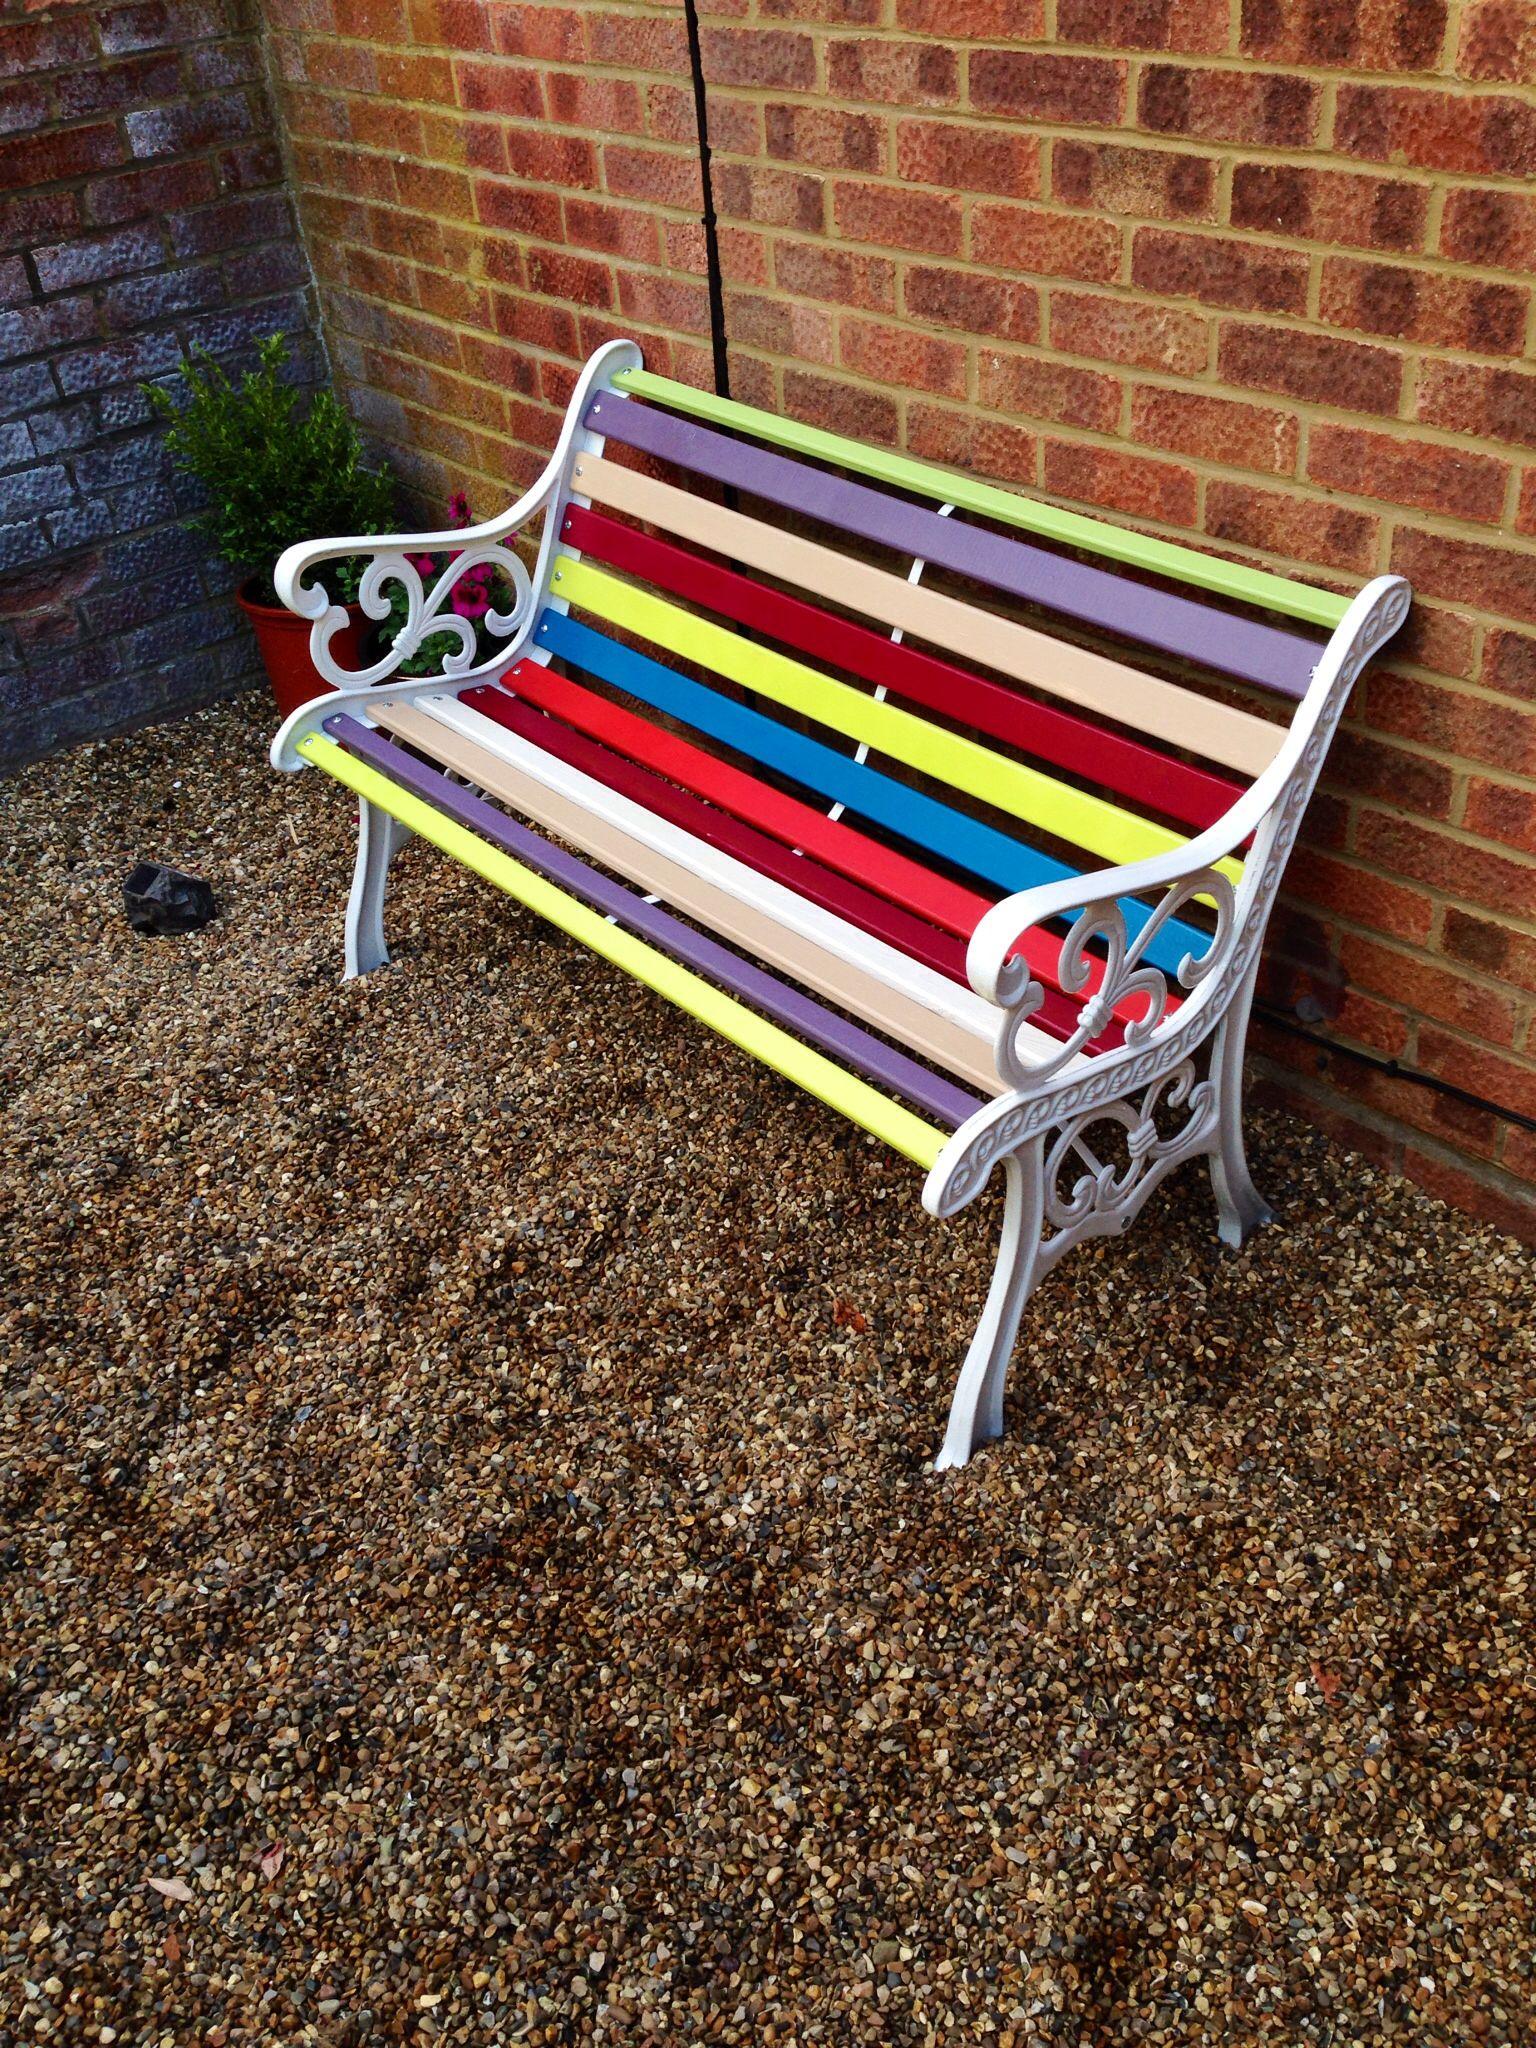 Multicoloured garden bench restoration | - garden - | Pinterest ...